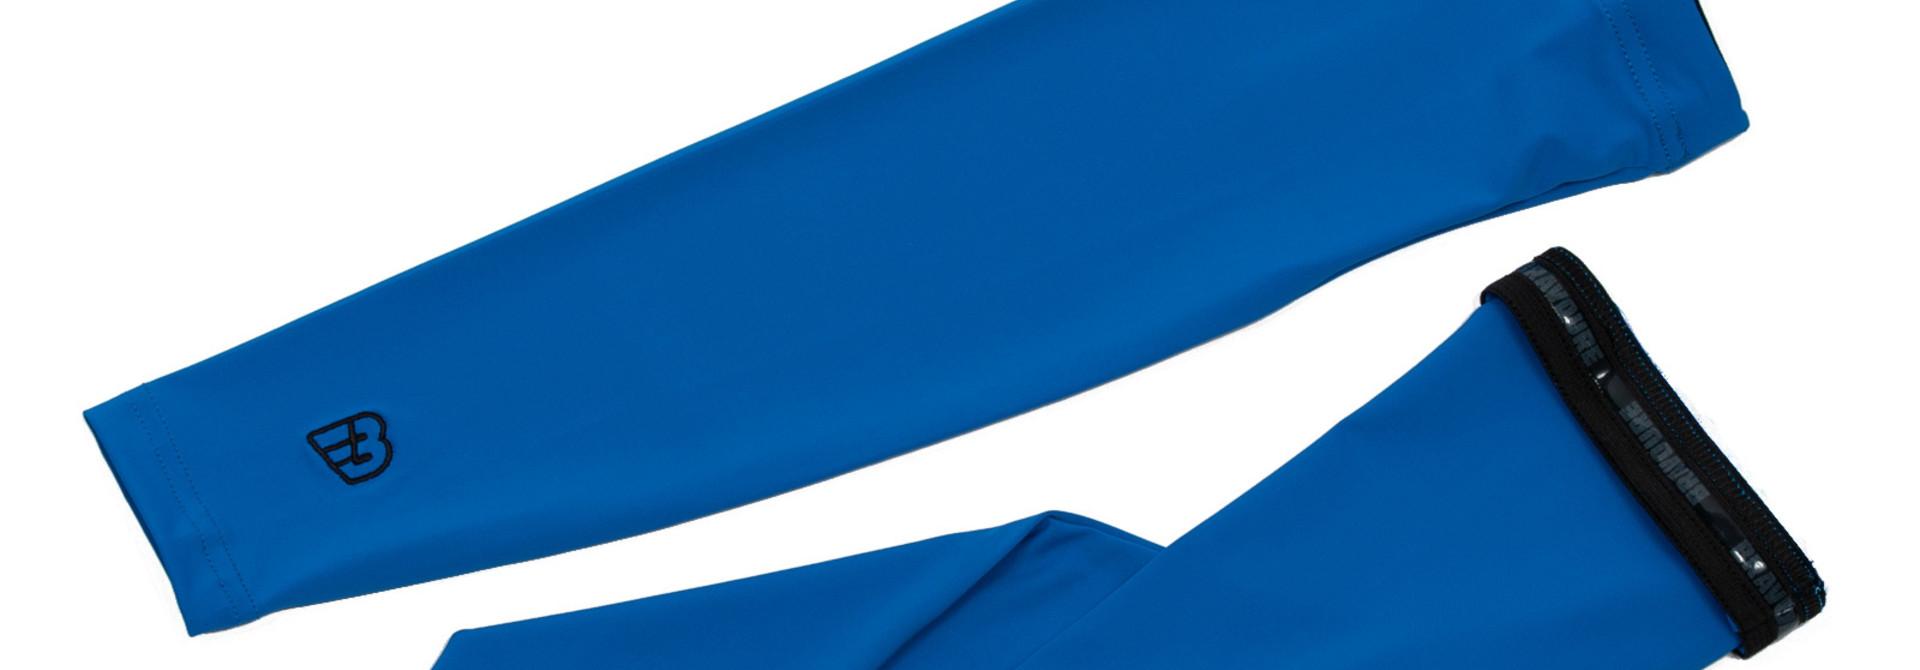 Heren Rouleur Armstukken   Royal Blauw